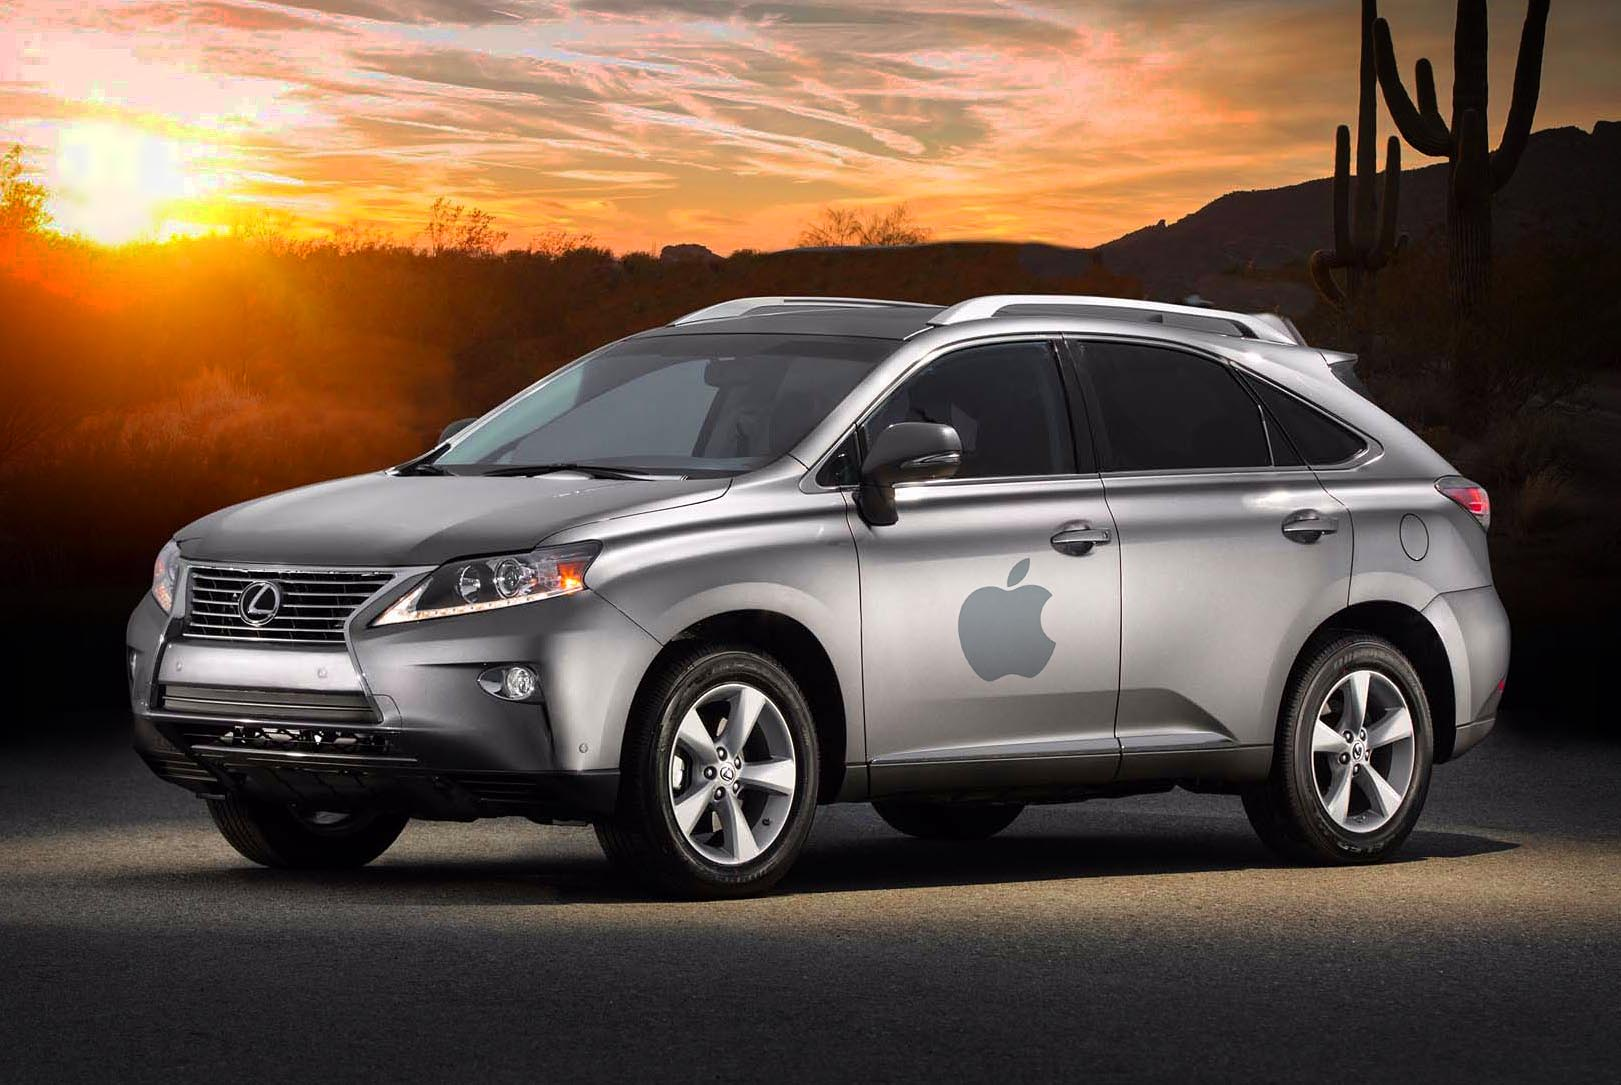 Apple se conformará con usar vehículos convencionales modificados, pero ha llegado a replantearse hasta reinventar la rueda para su Apple Car